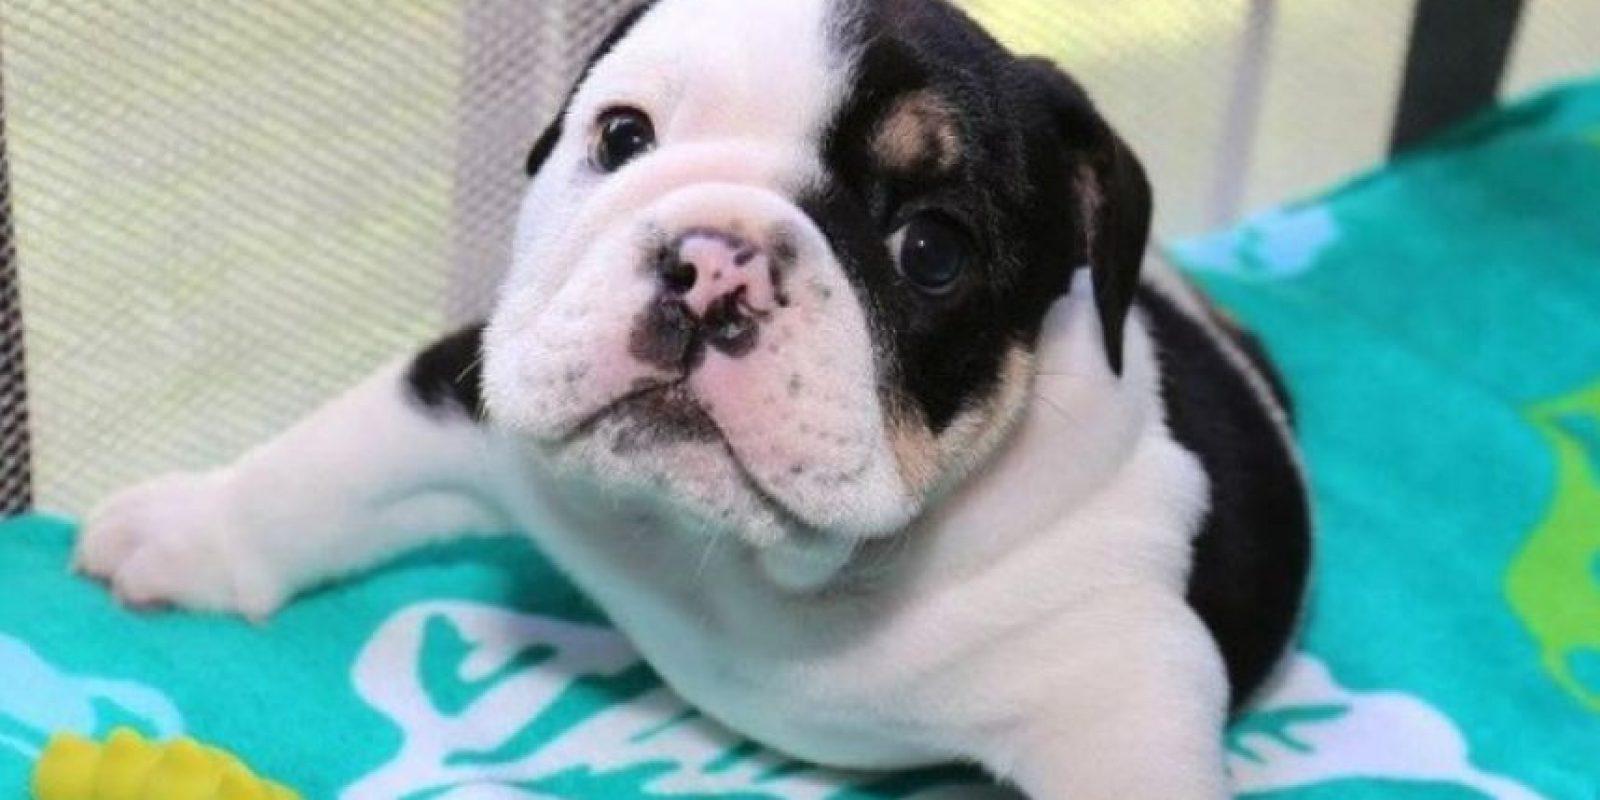 """Nació con una enfermedad congénita llamada el """"Síndrome de Cachorro Nadador"""", que deja al perro con extremidades muy débiles y sin poder moverse. Foto:Facebook.com/HalfABulldogTwiceTheLove"""